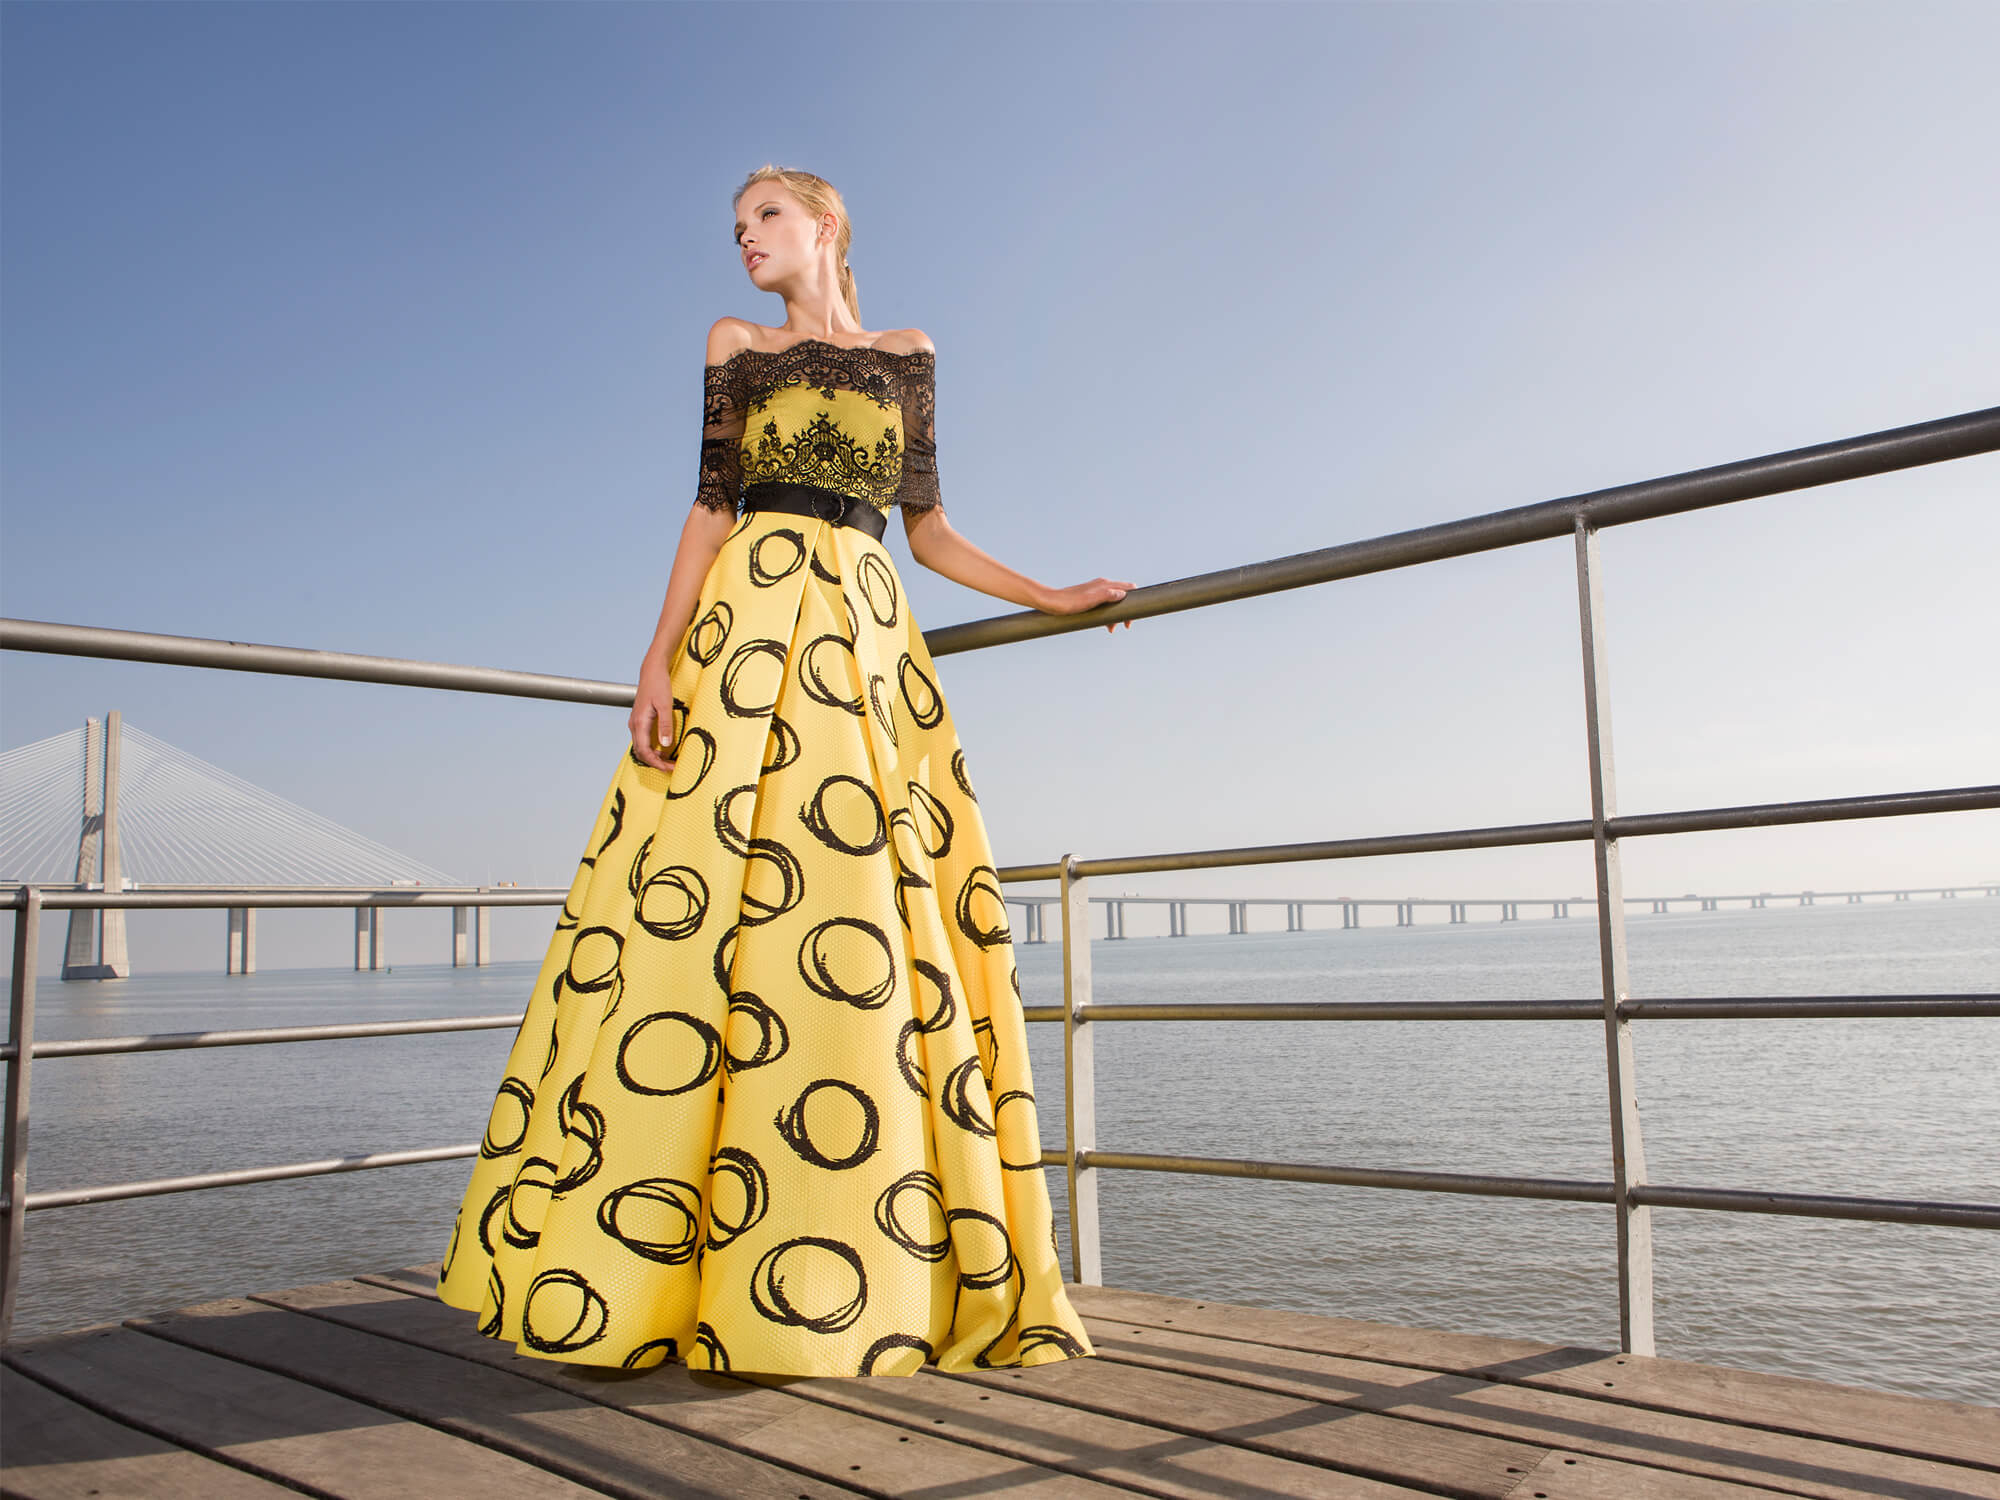 17 Wunderbar Abendkleider In K Größe Ärmel Kreativ Abendkleider In K Größe Spezialgebiet